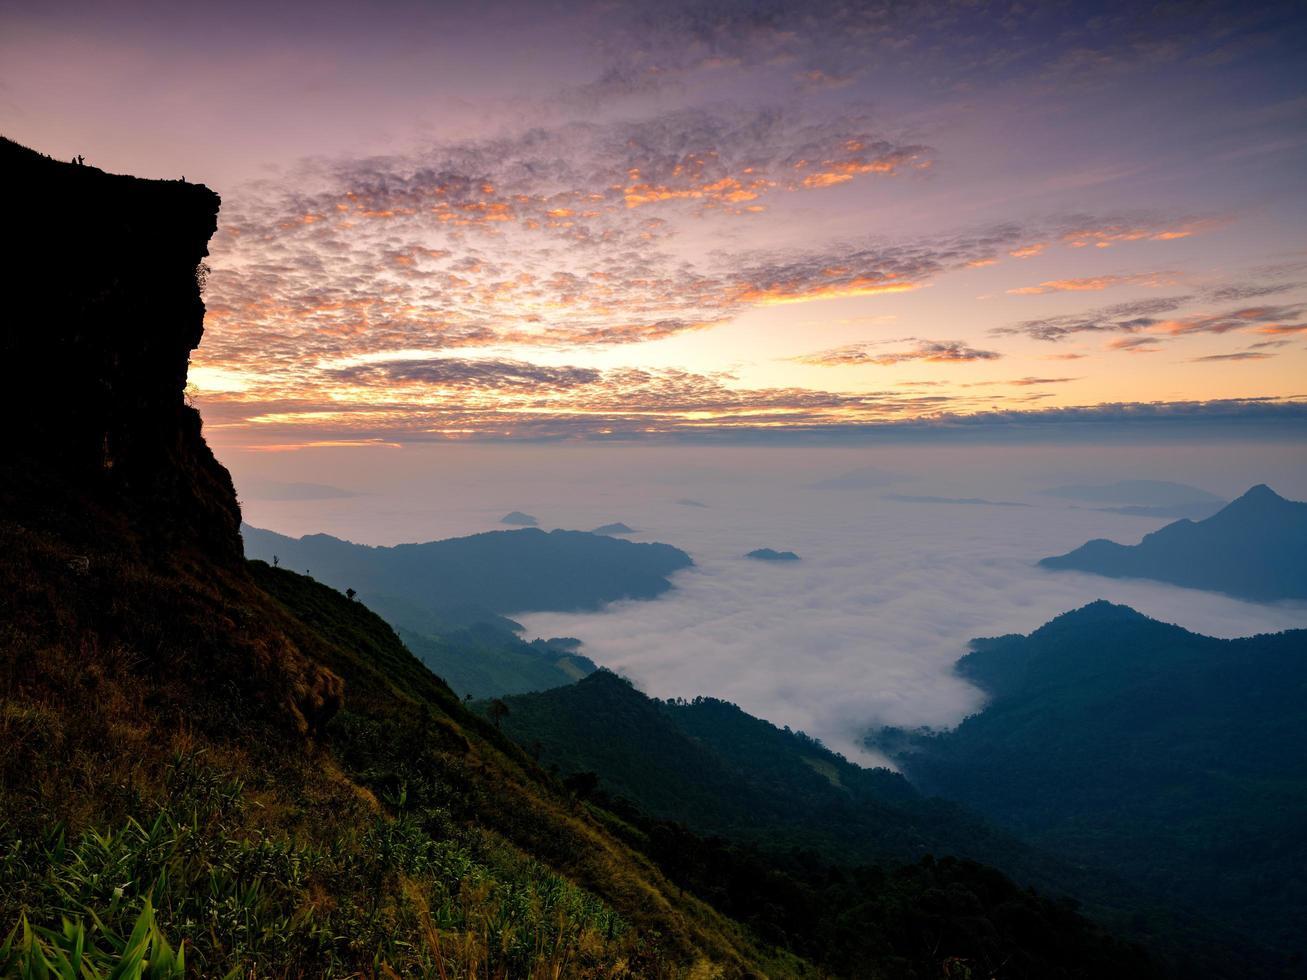 vista dalla montagna con sfondo nebbioso foto